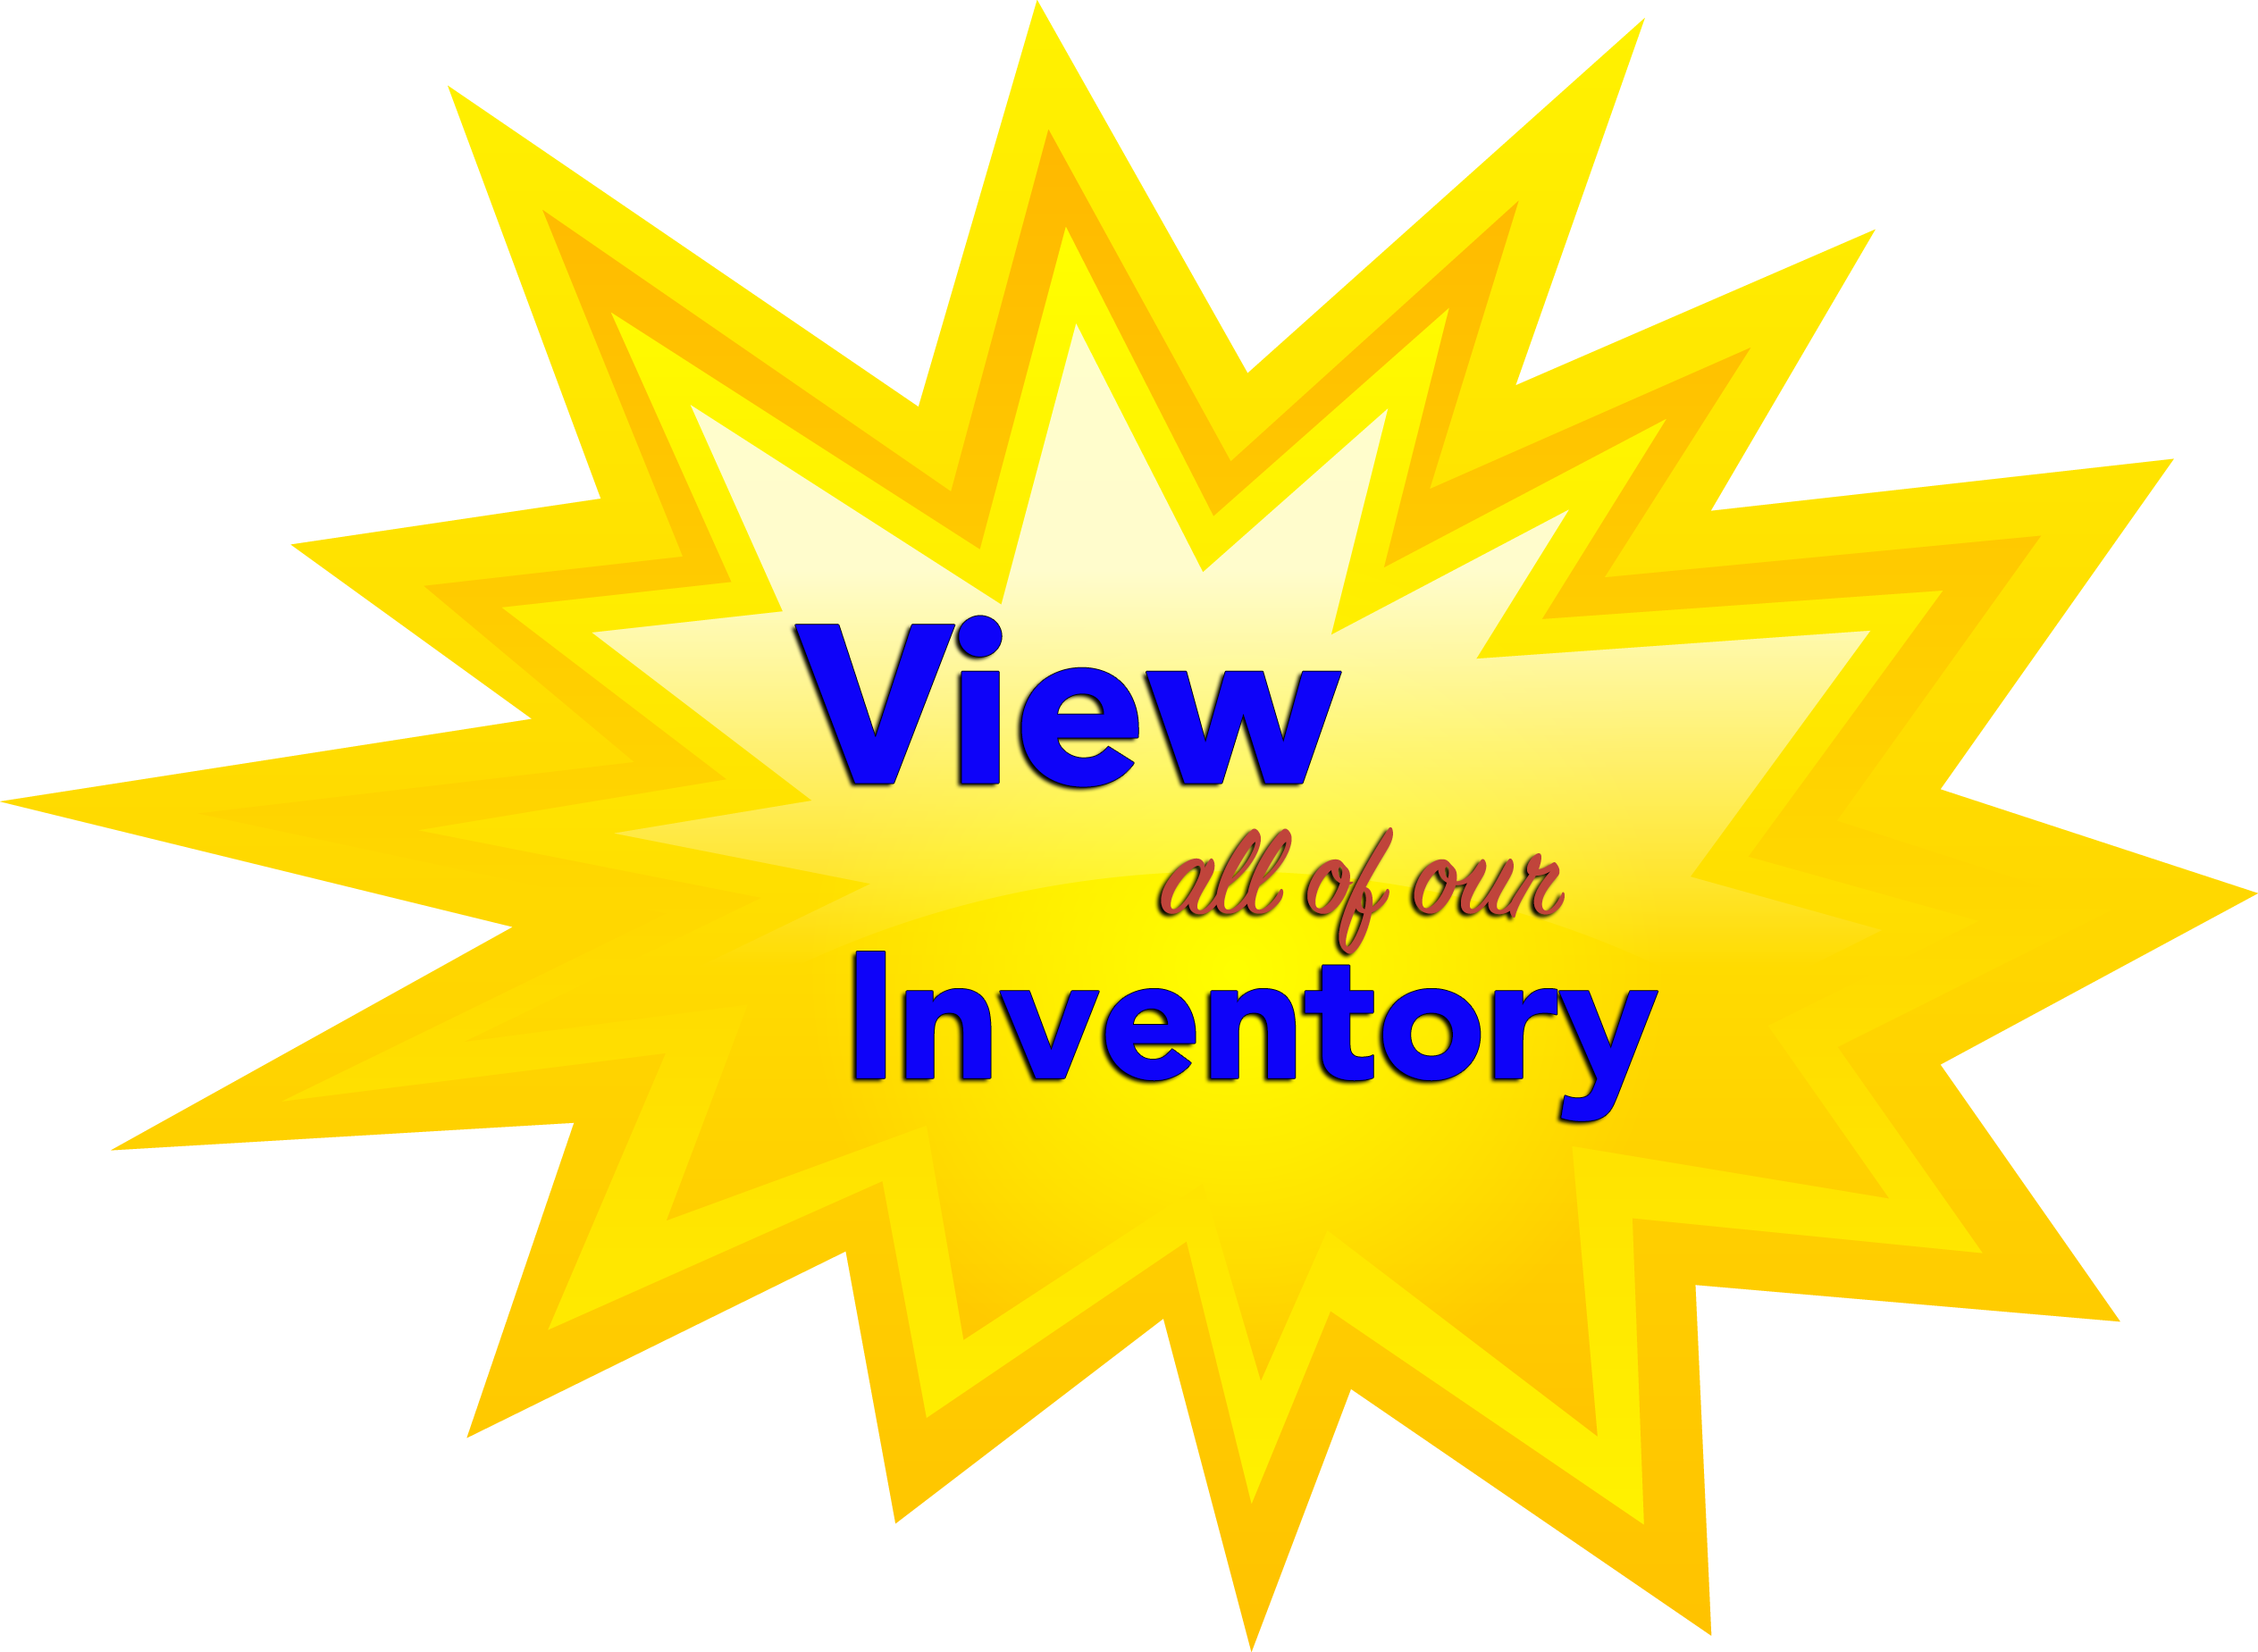 InventoryStar